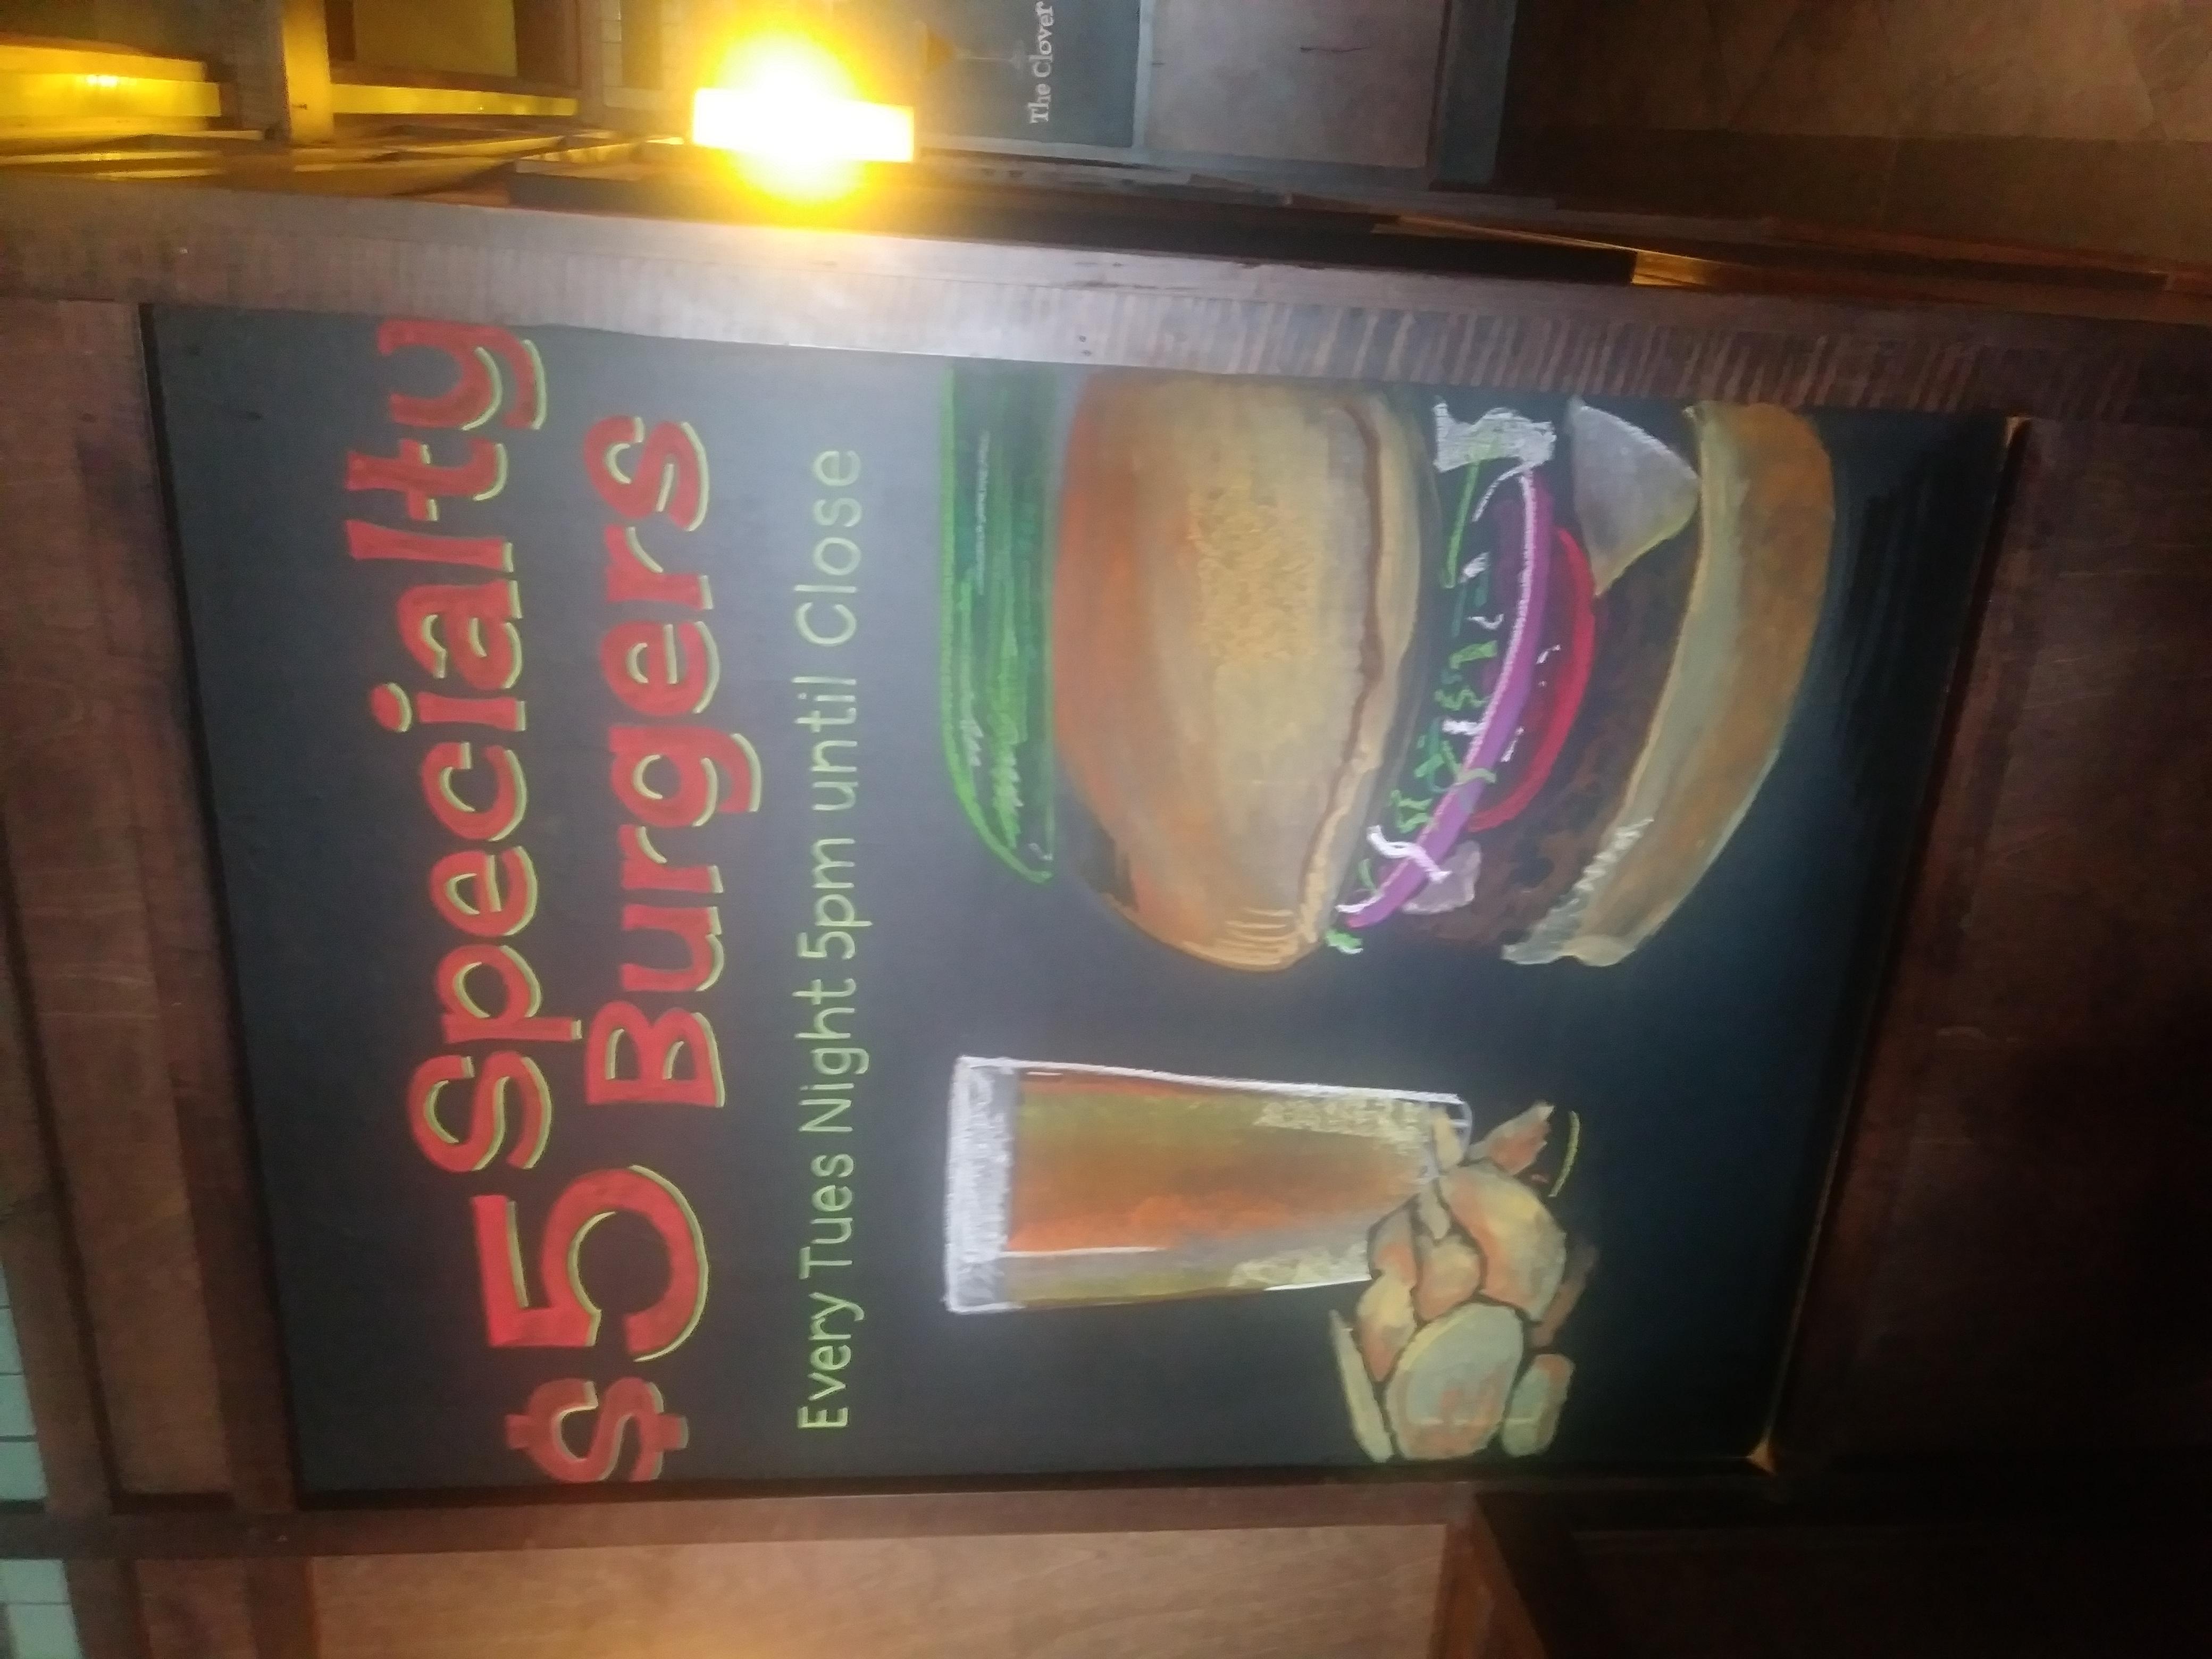 Bar Louie Burgers